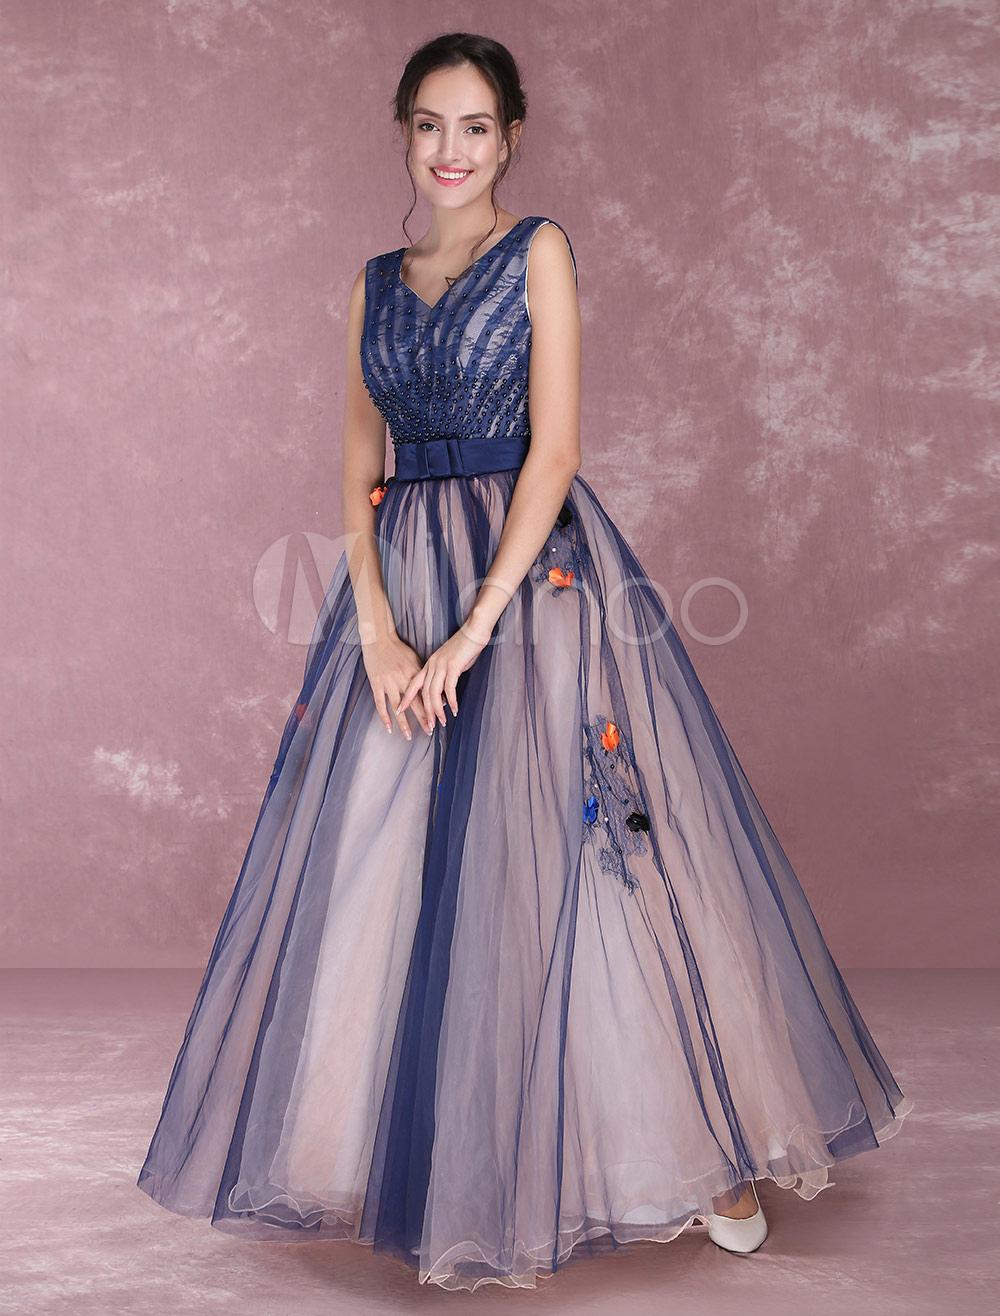 fe78353bbba ... Vestido para quinceañeras de color azul marino oscuro con cuello en V  sin mangas con cuentas ...